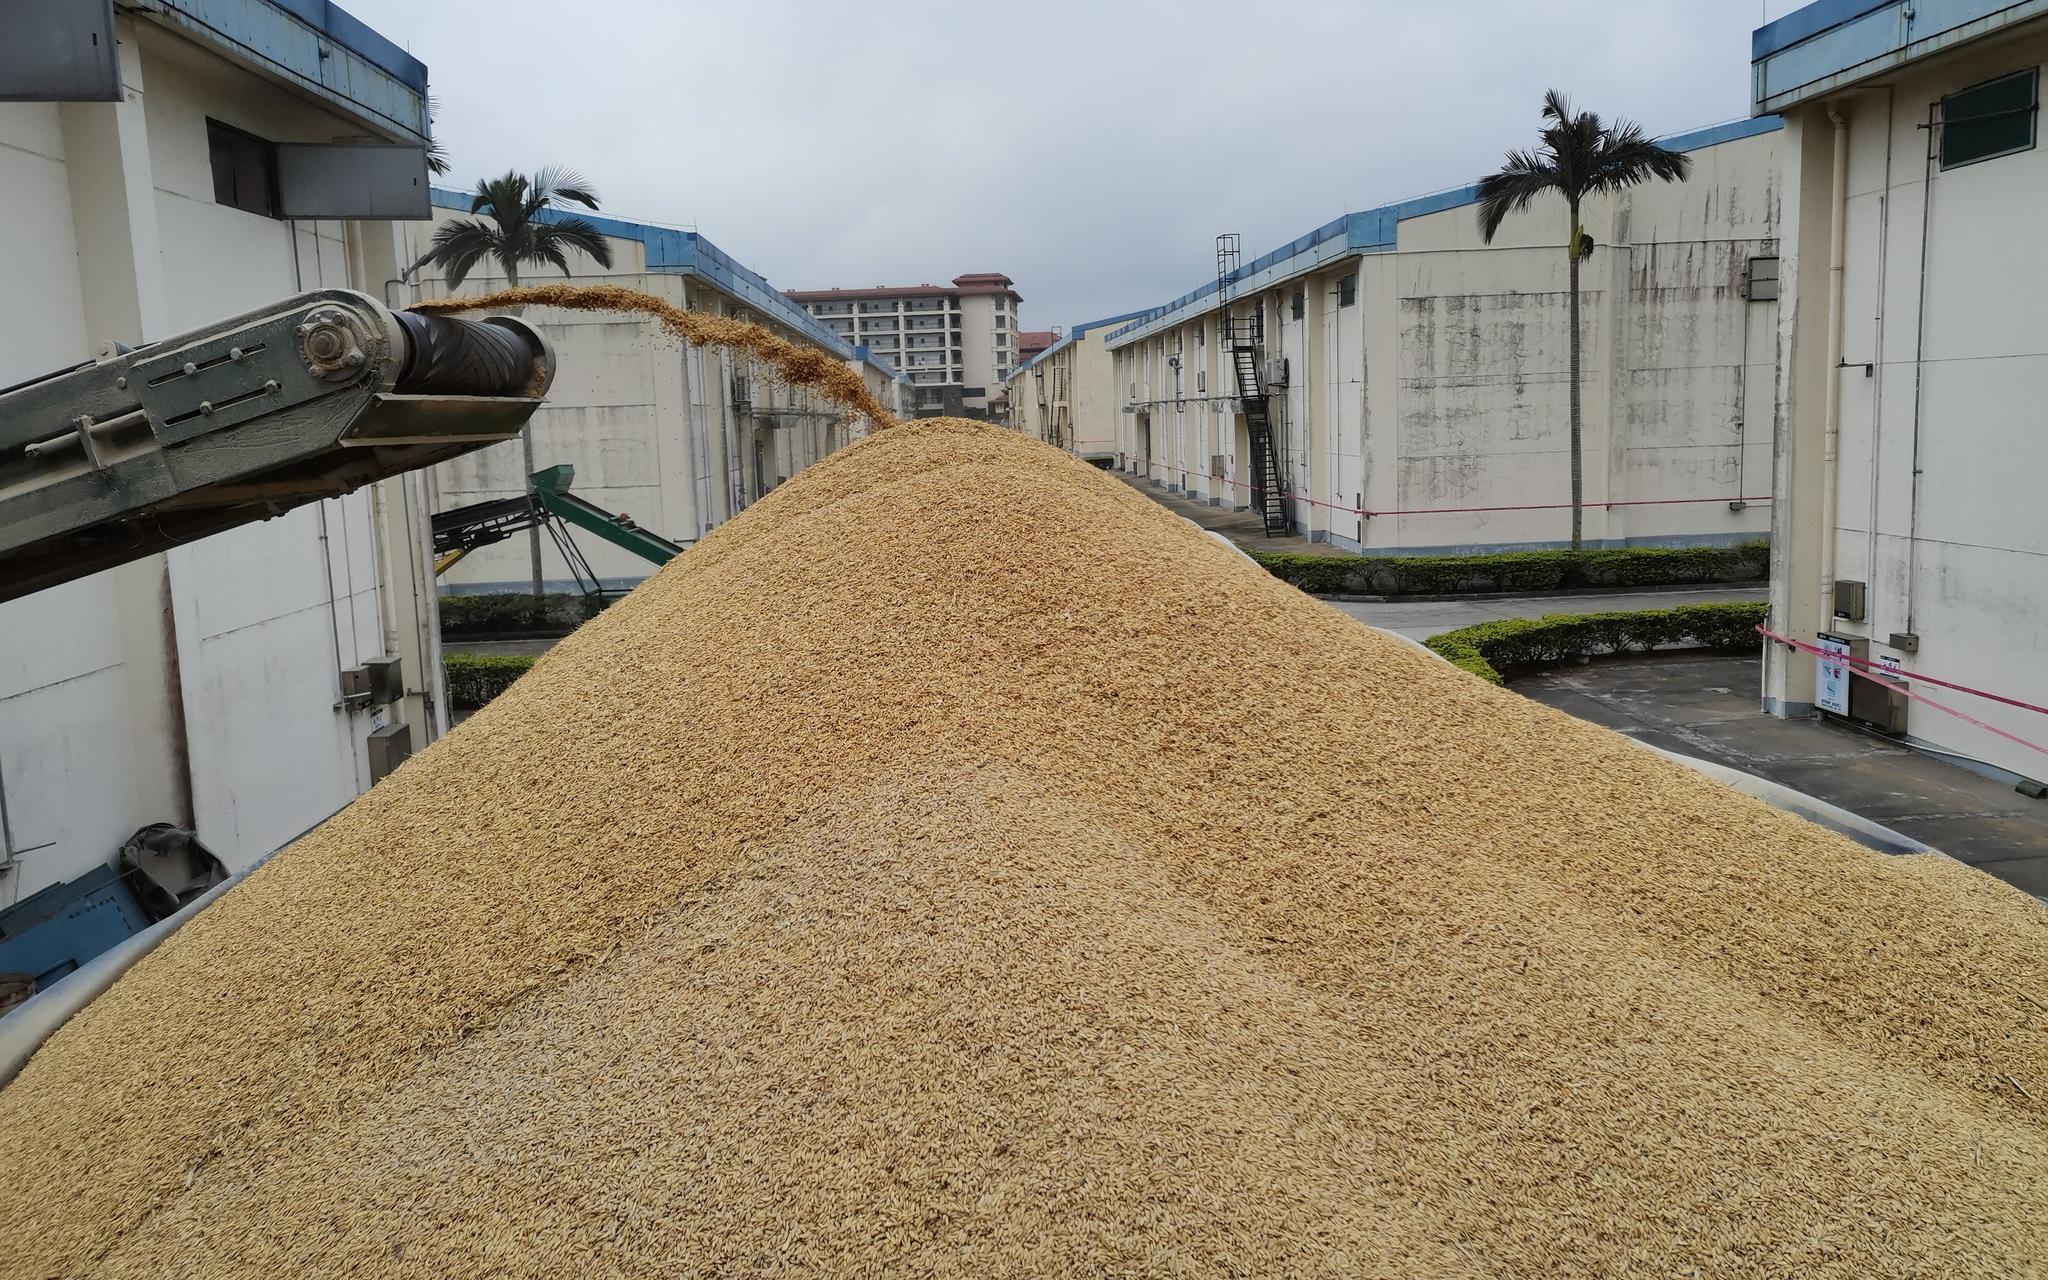 金健米业连发9次风险提示,专家称要防资本炒作粮食问题图片